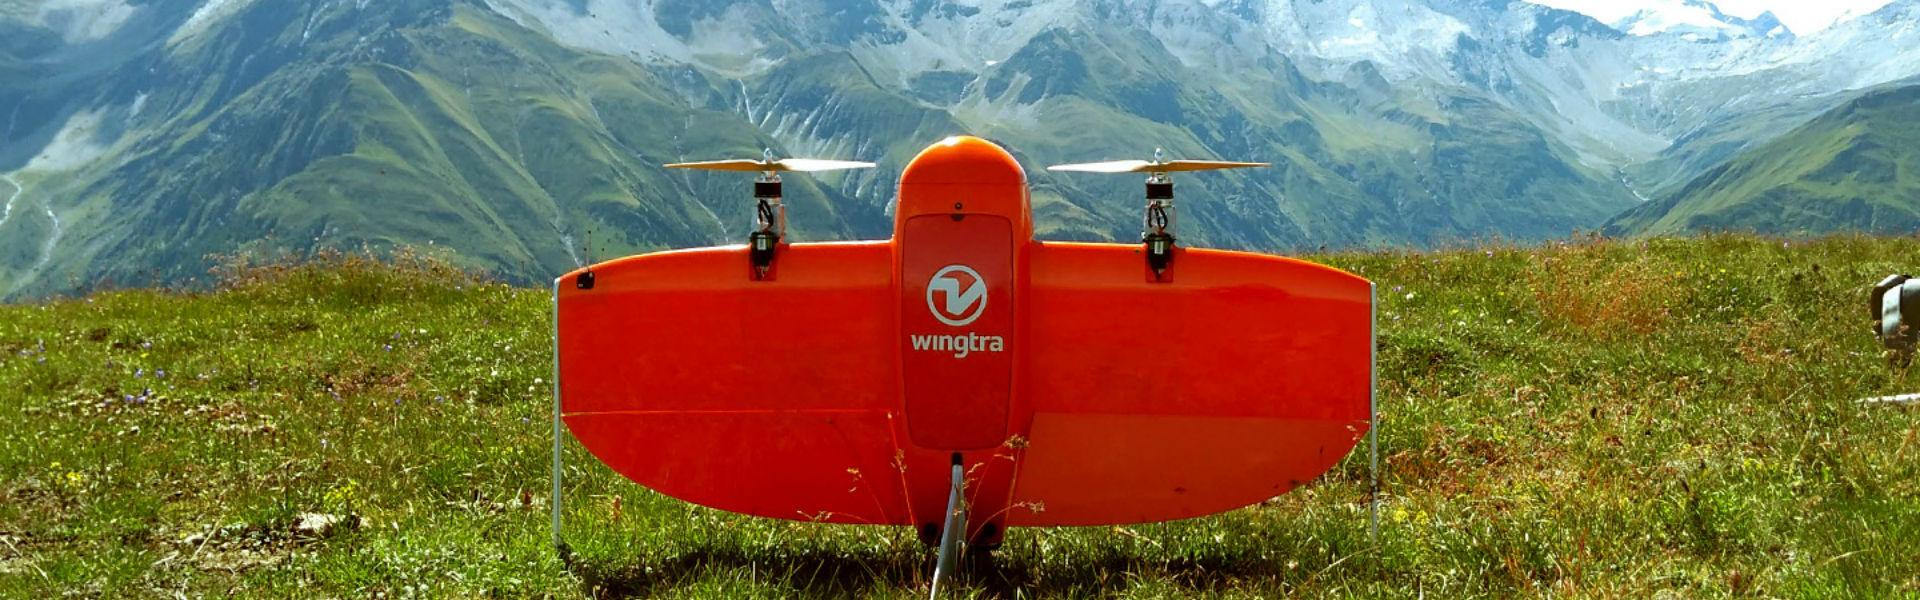 wingtraone-ppk-uav-fixed-wing-vtol-hybrid